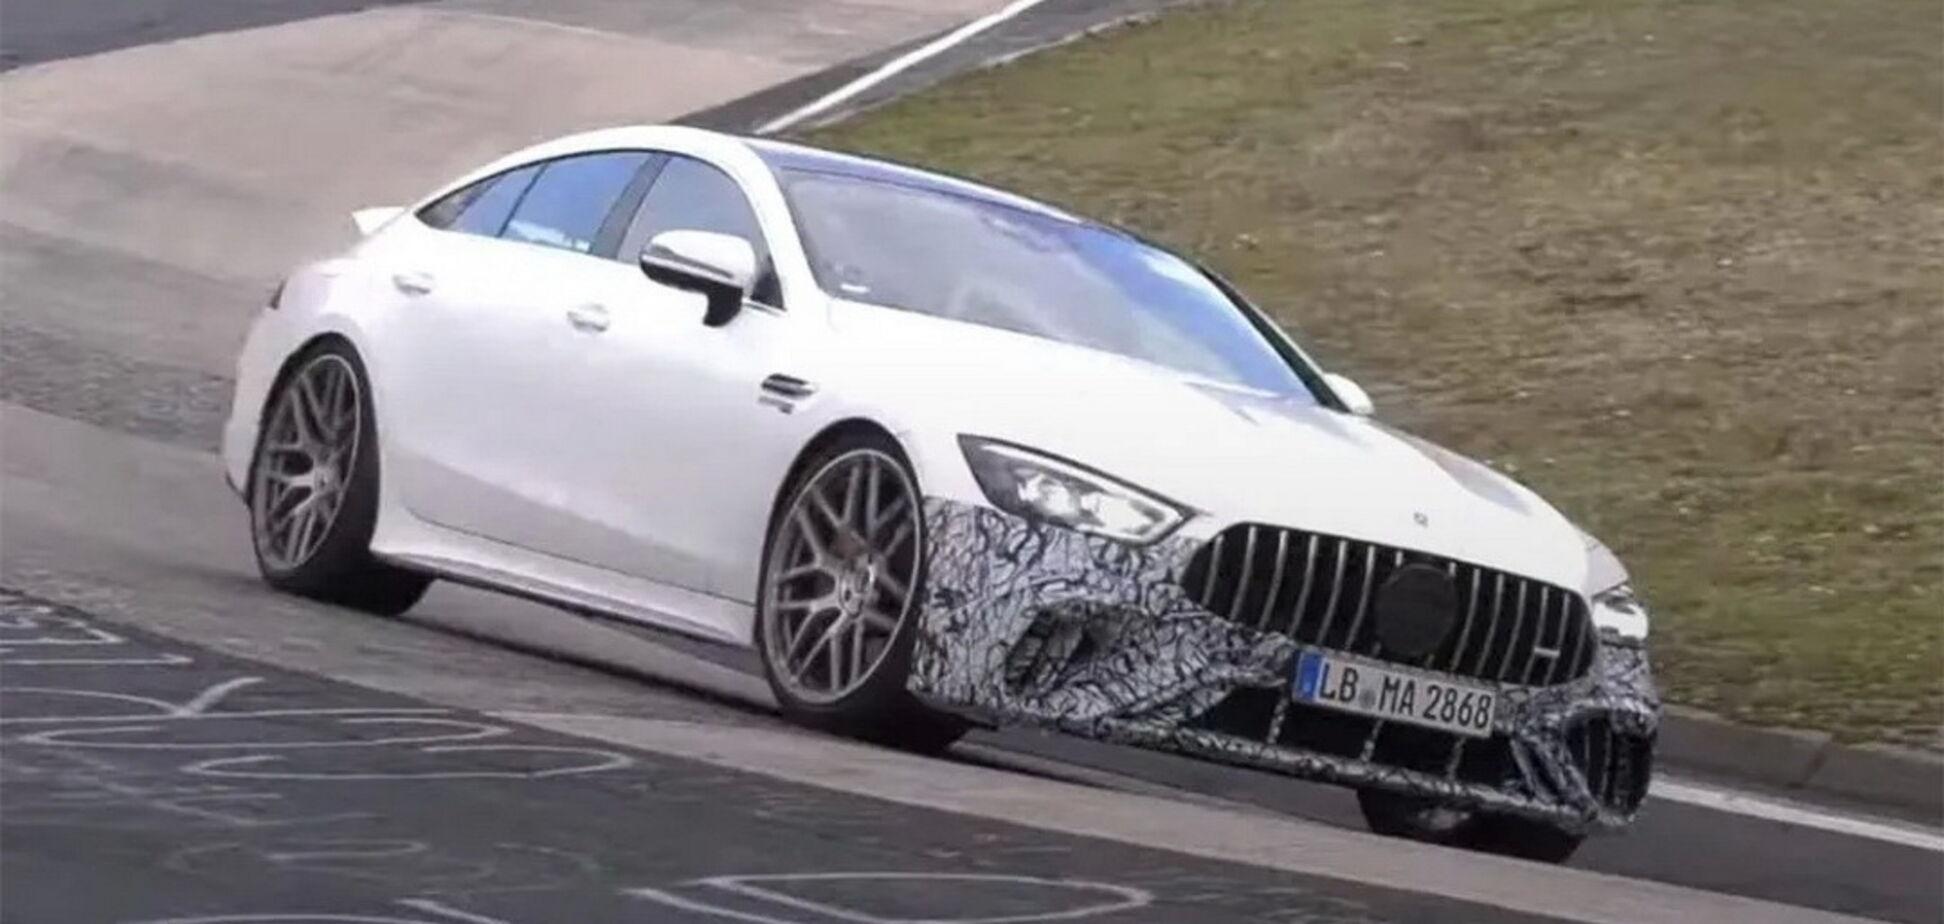 Прототип Mercedes-AMG GT 73e відзначився на Нюрбургринзі